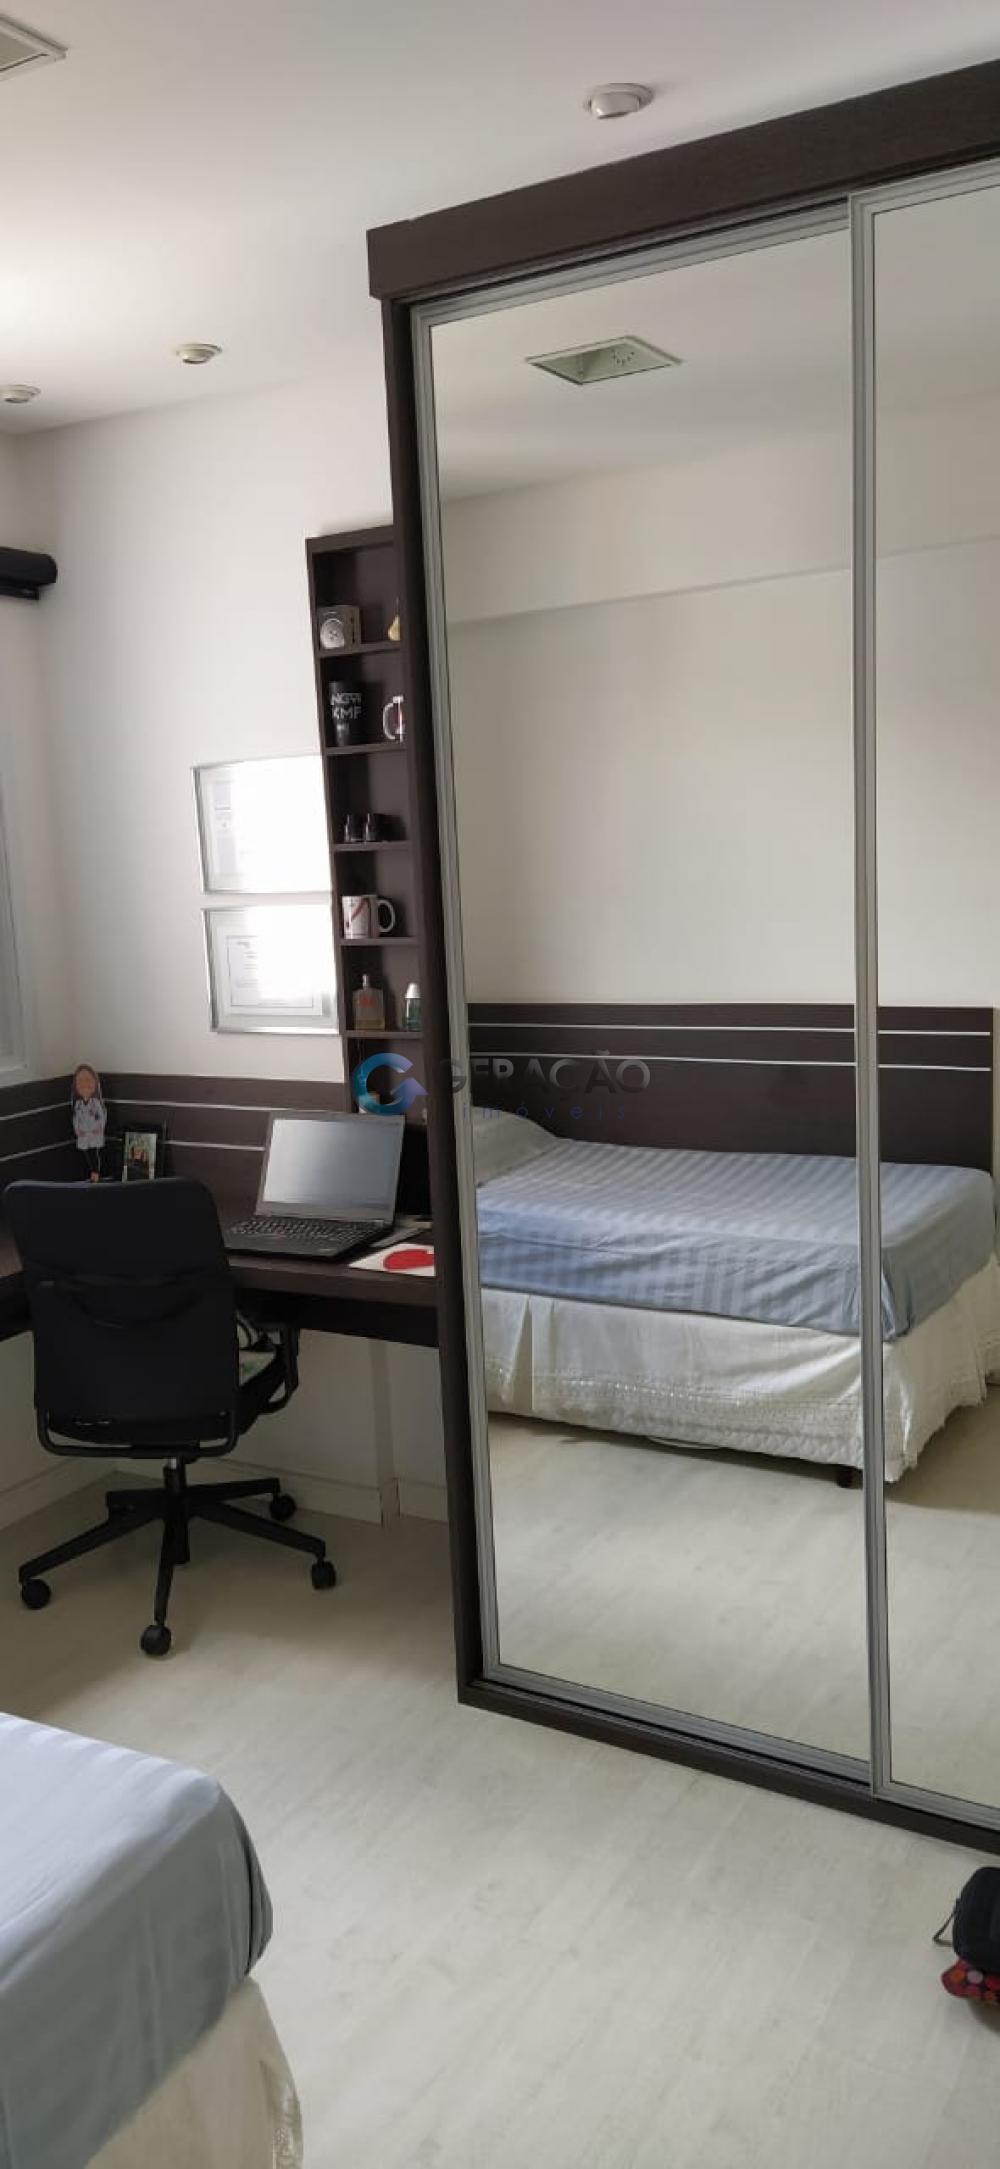 Comprar Apartamento / Padrão em São José dos Campos R$ 1.150.000,00 - Foto 21